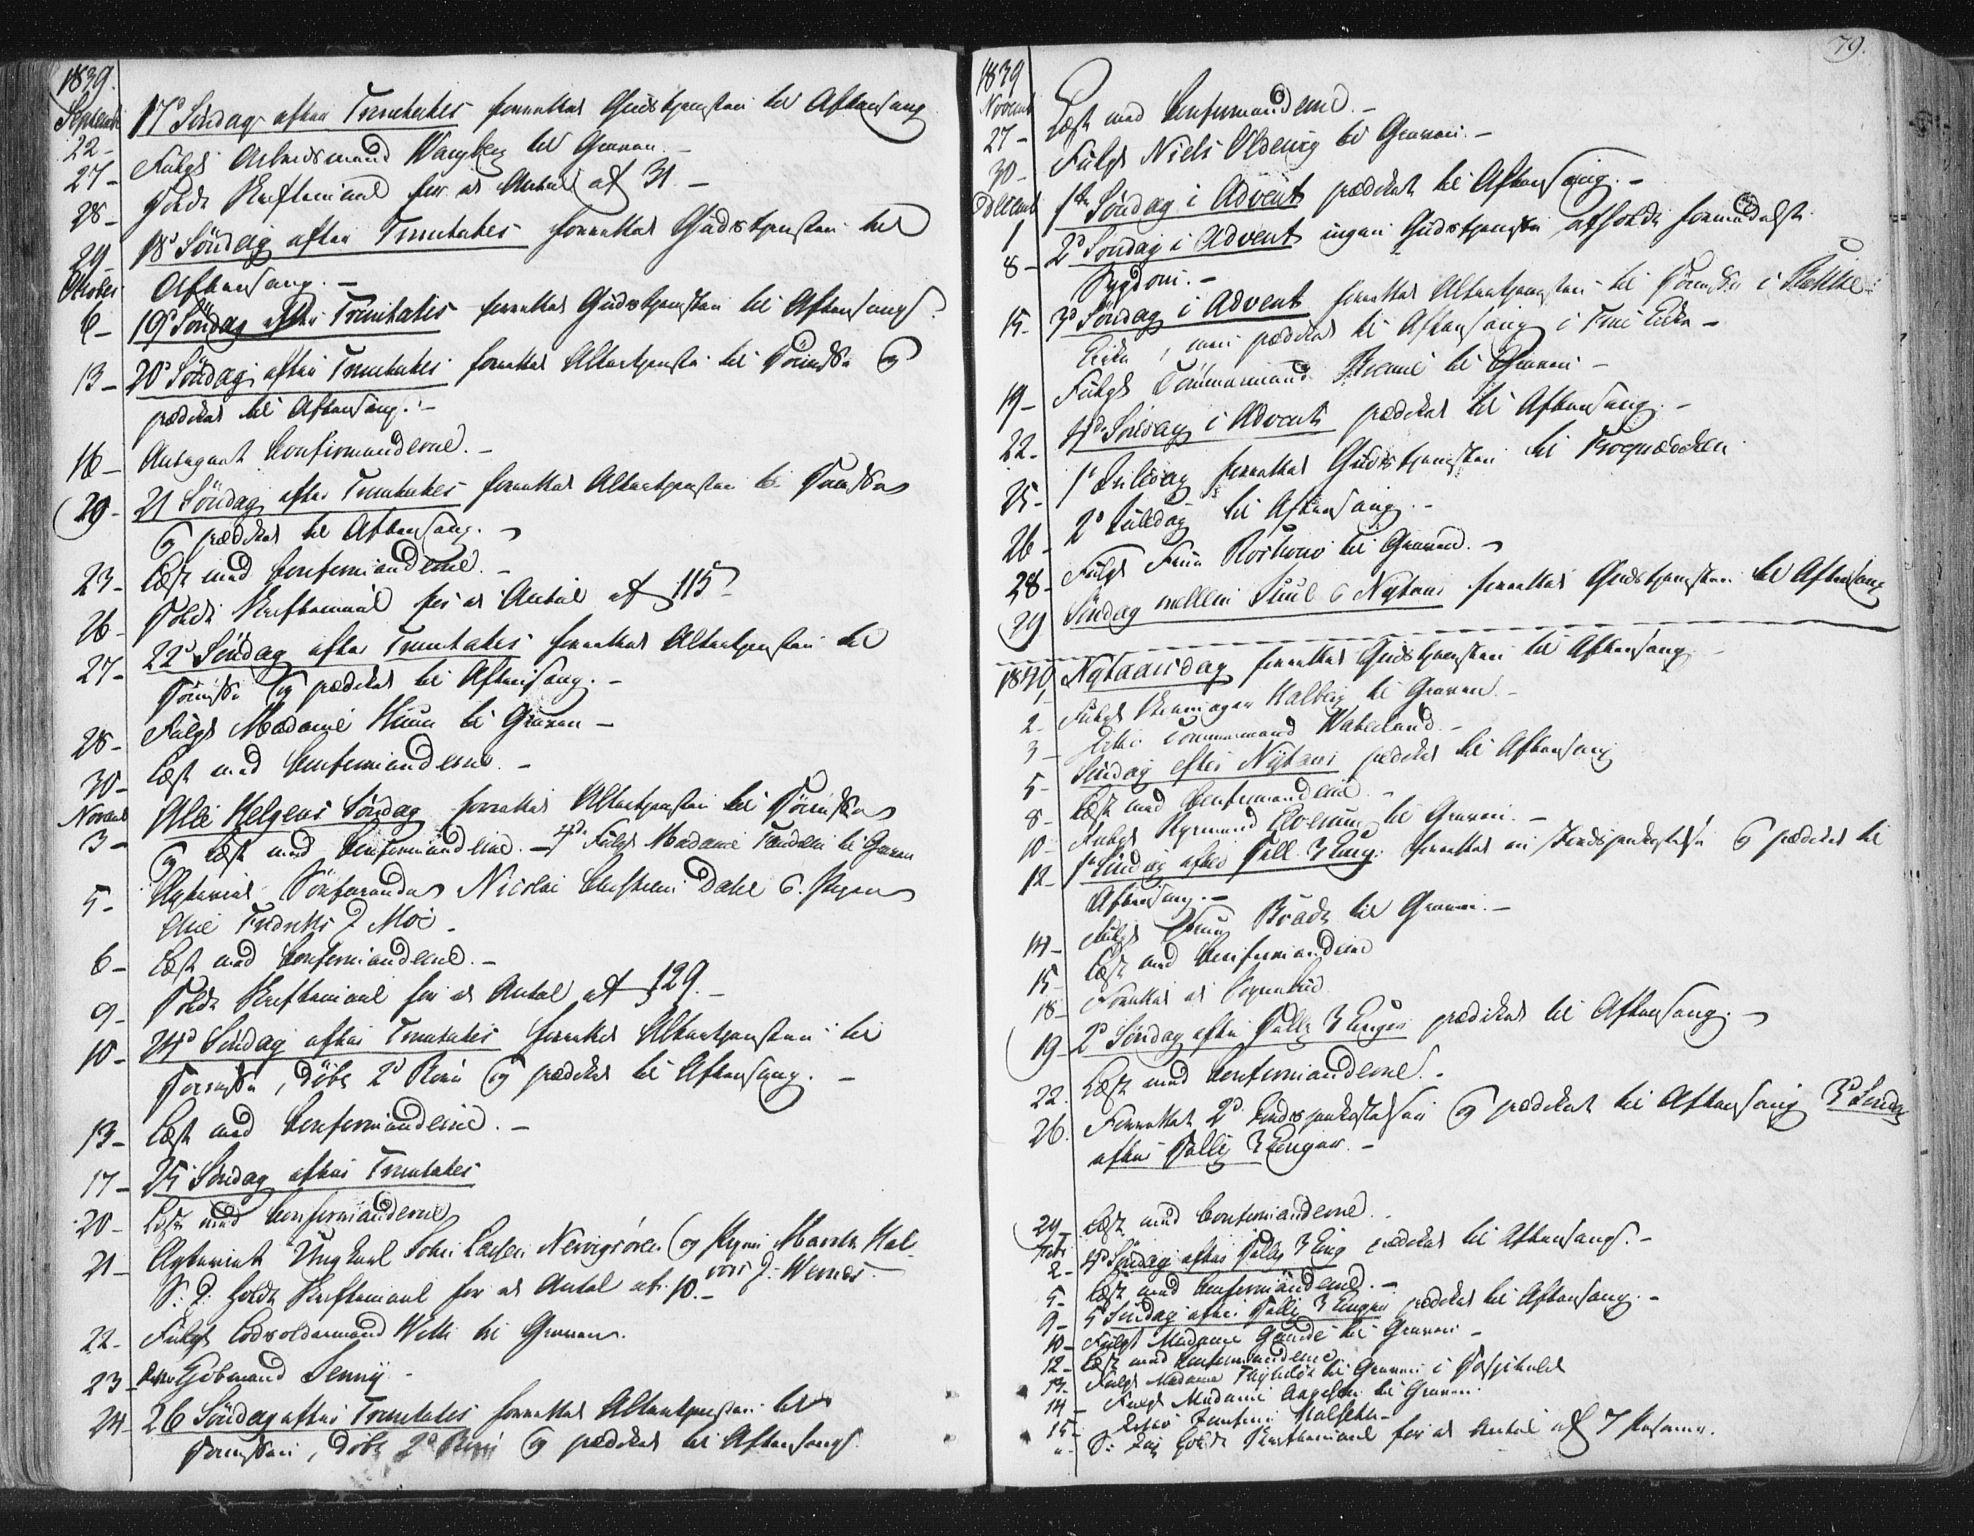 SAT, Ministerialprotokoller, klokkerbøker og fødselsregistre - Sør-Trøndelag, 602/L0127: Residerende kapellans bok nr. 602B01, 1821-1875, s. 79